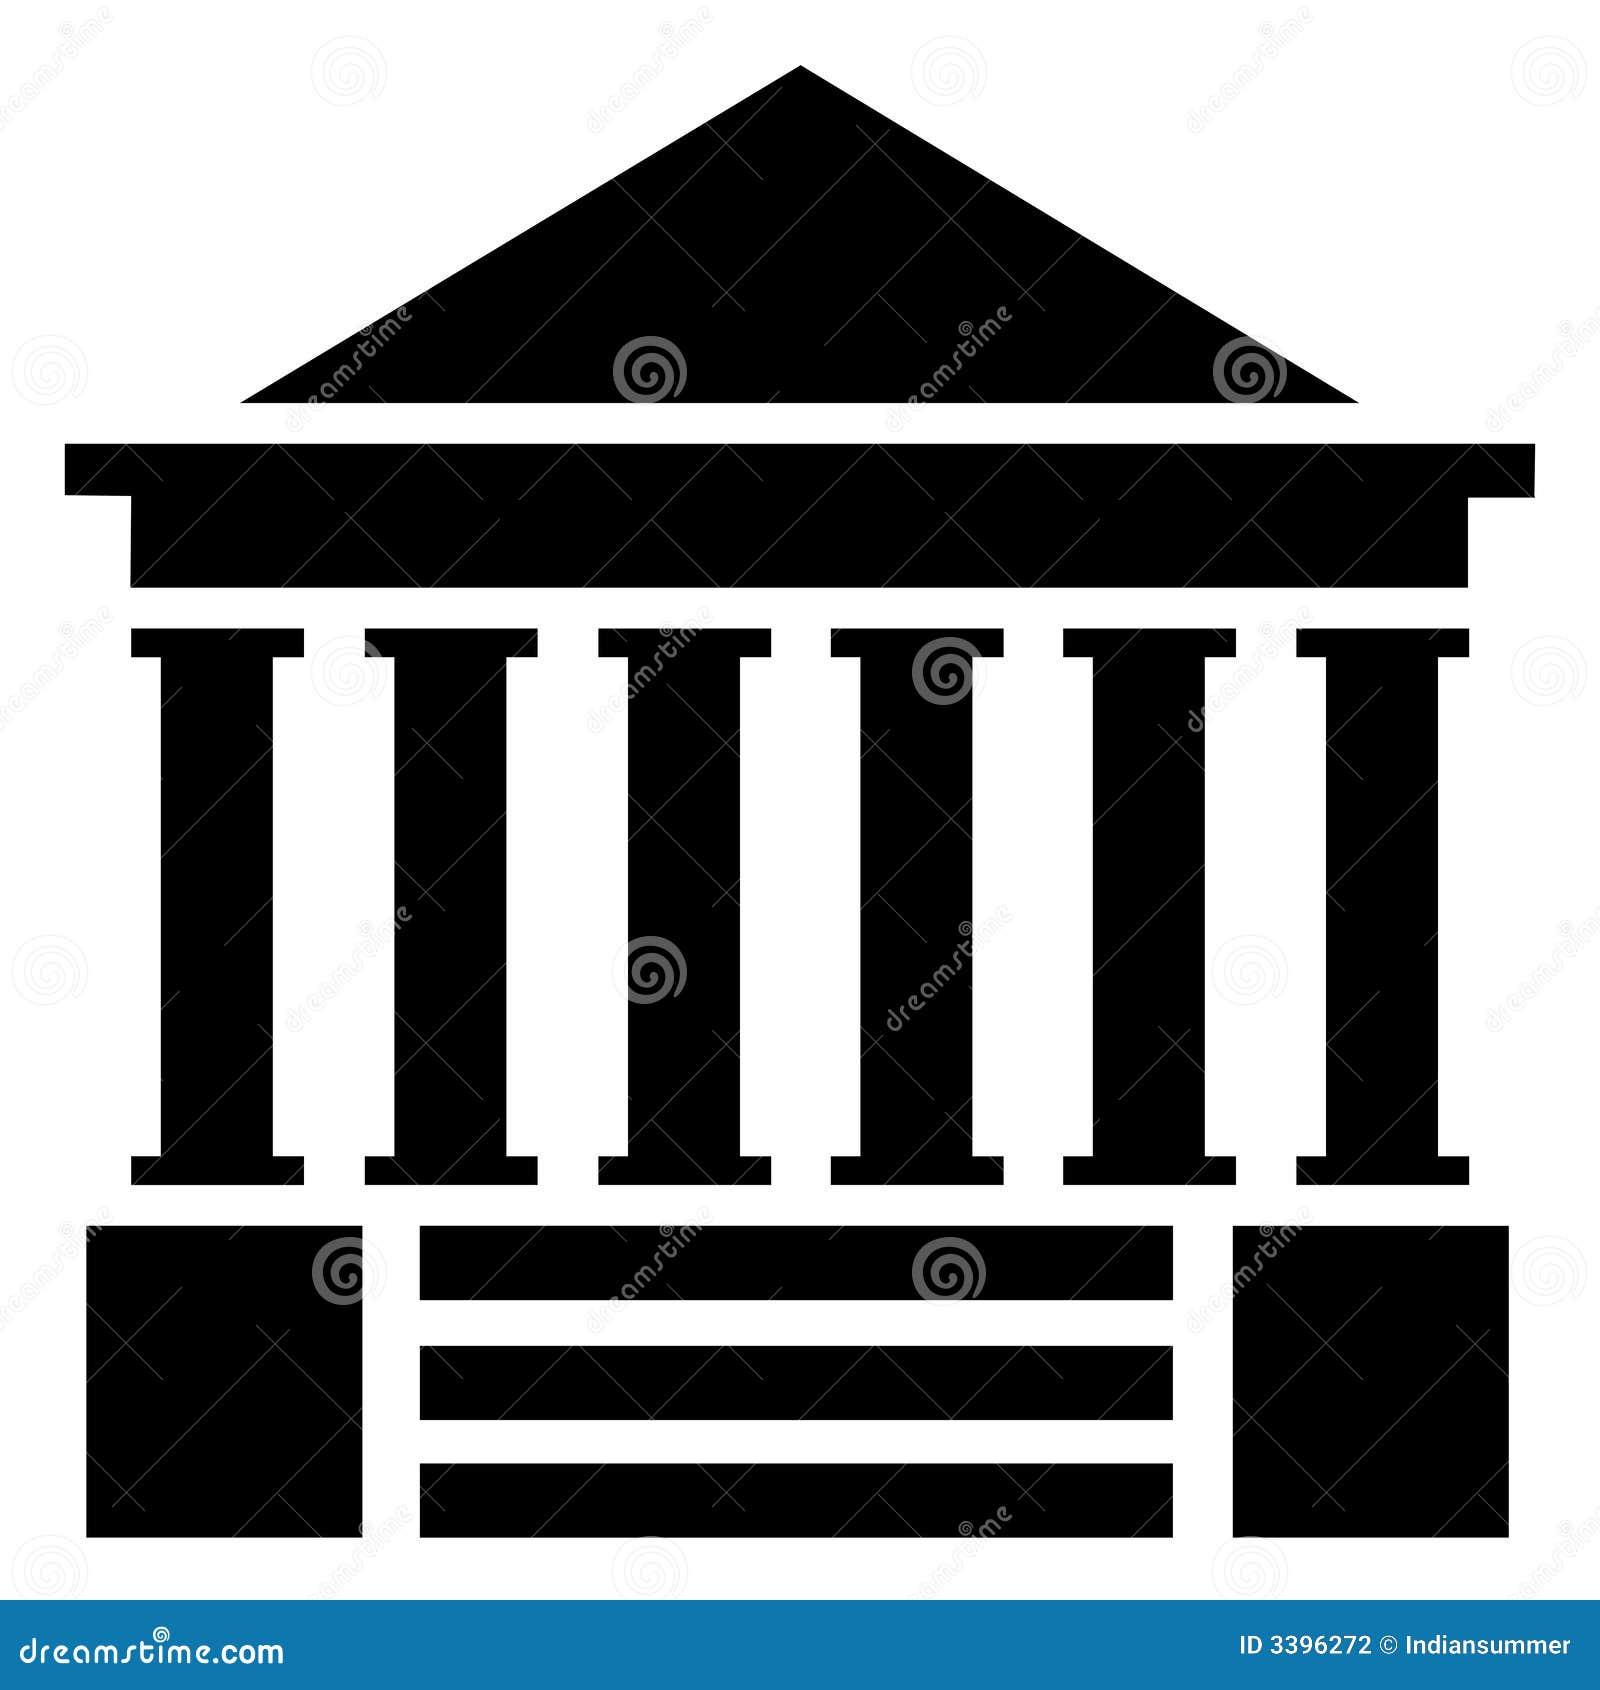 Courthouse illustration